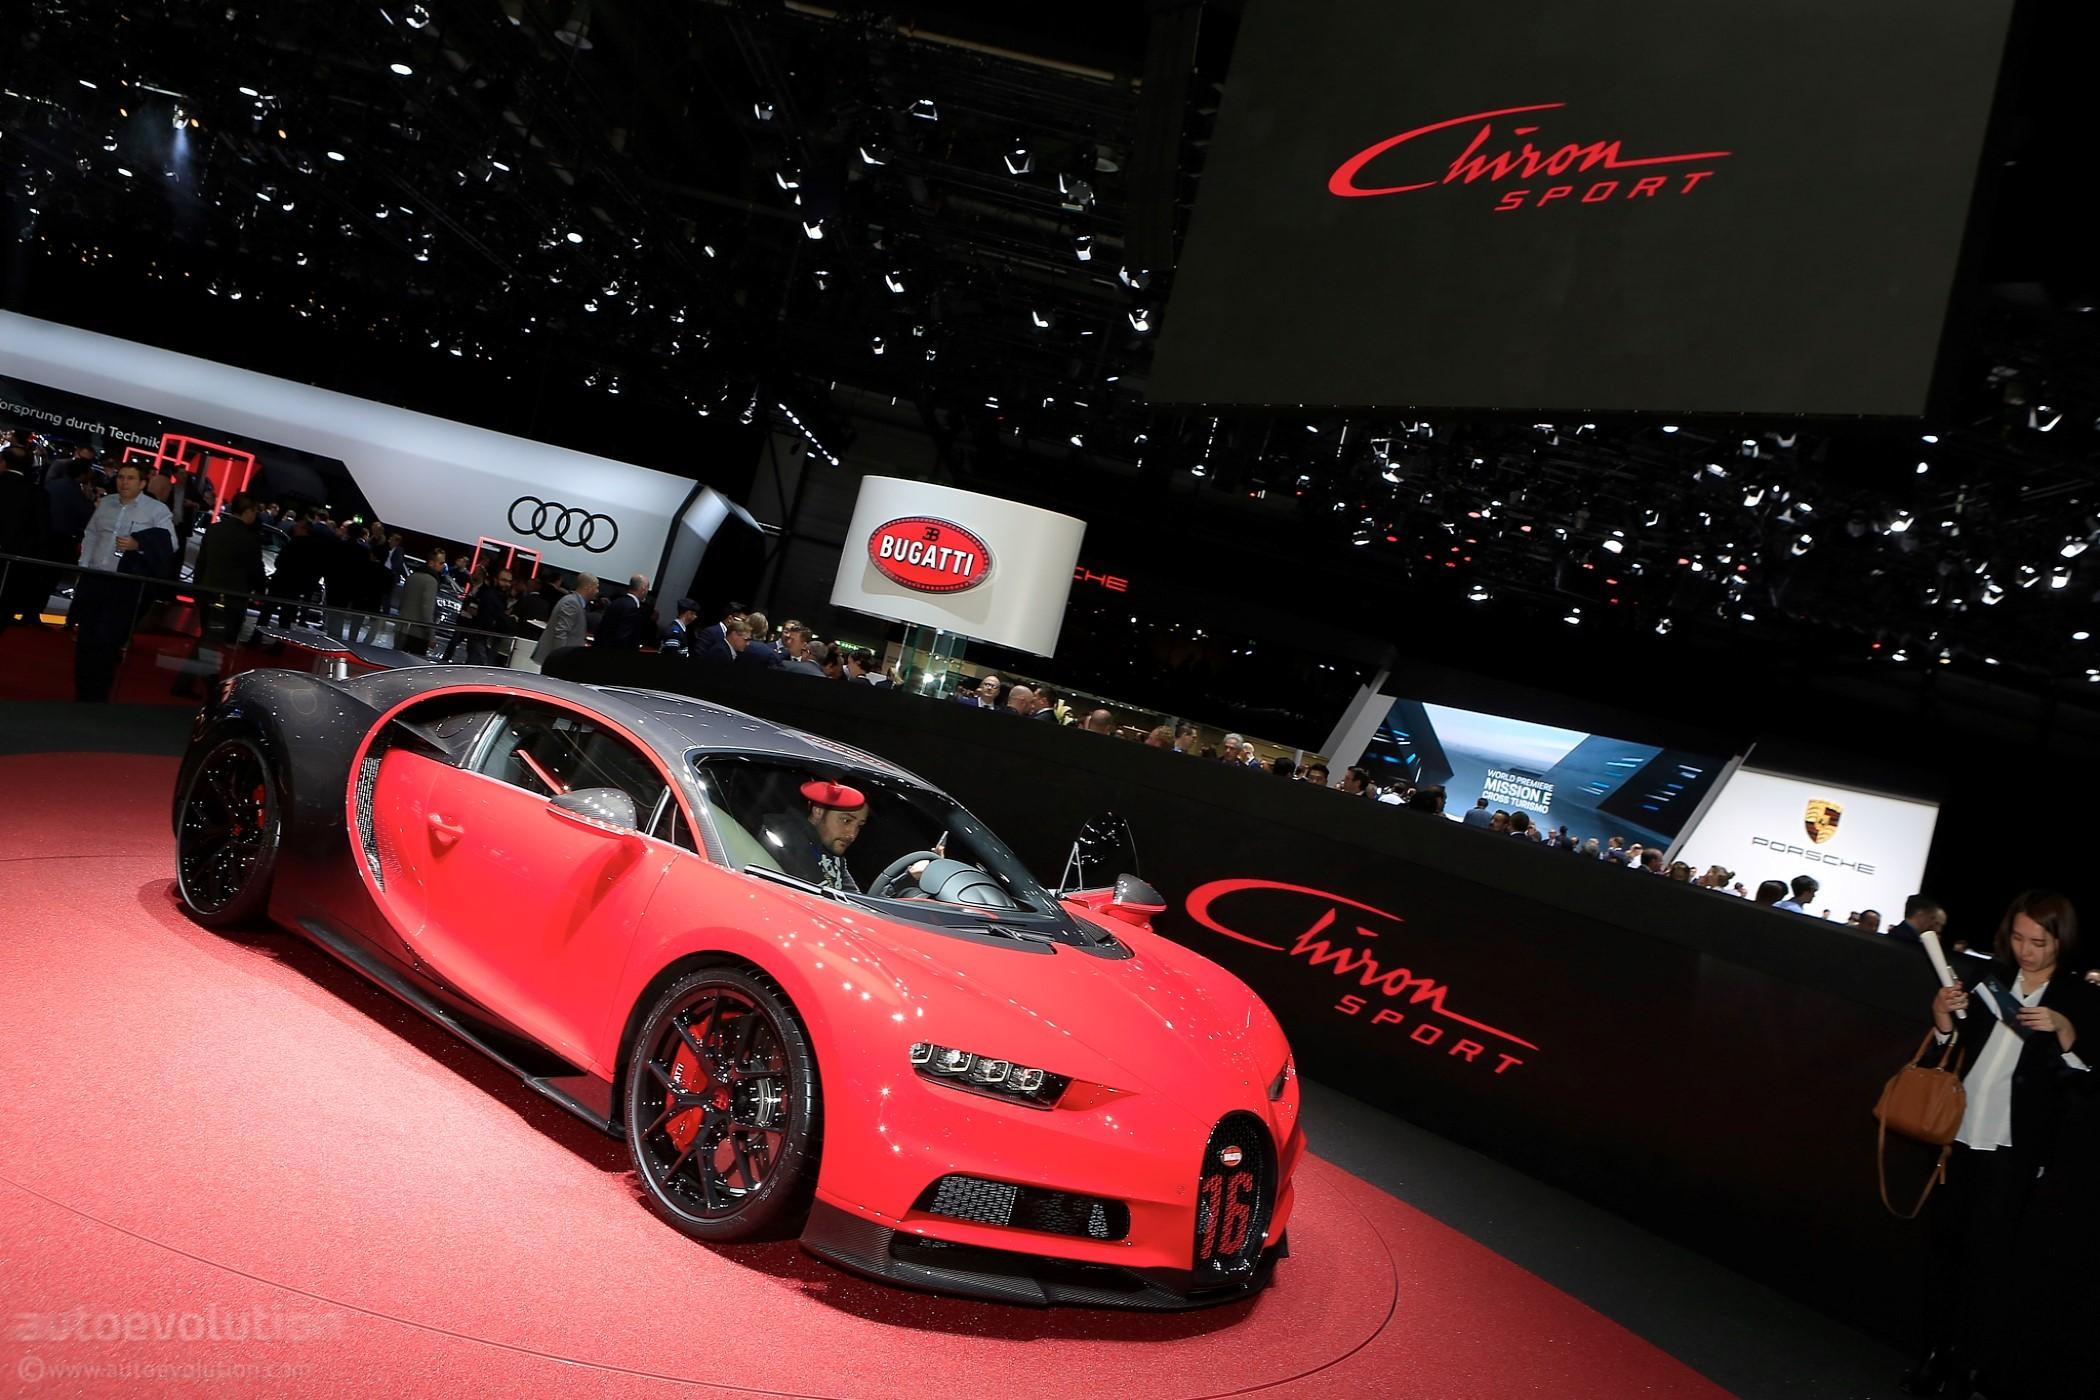 Auto Add Ons >> 2019 Bugatti Chiron Sport Arrives In Geneva Sporting 500 Km/h Speedometer - autoevolution